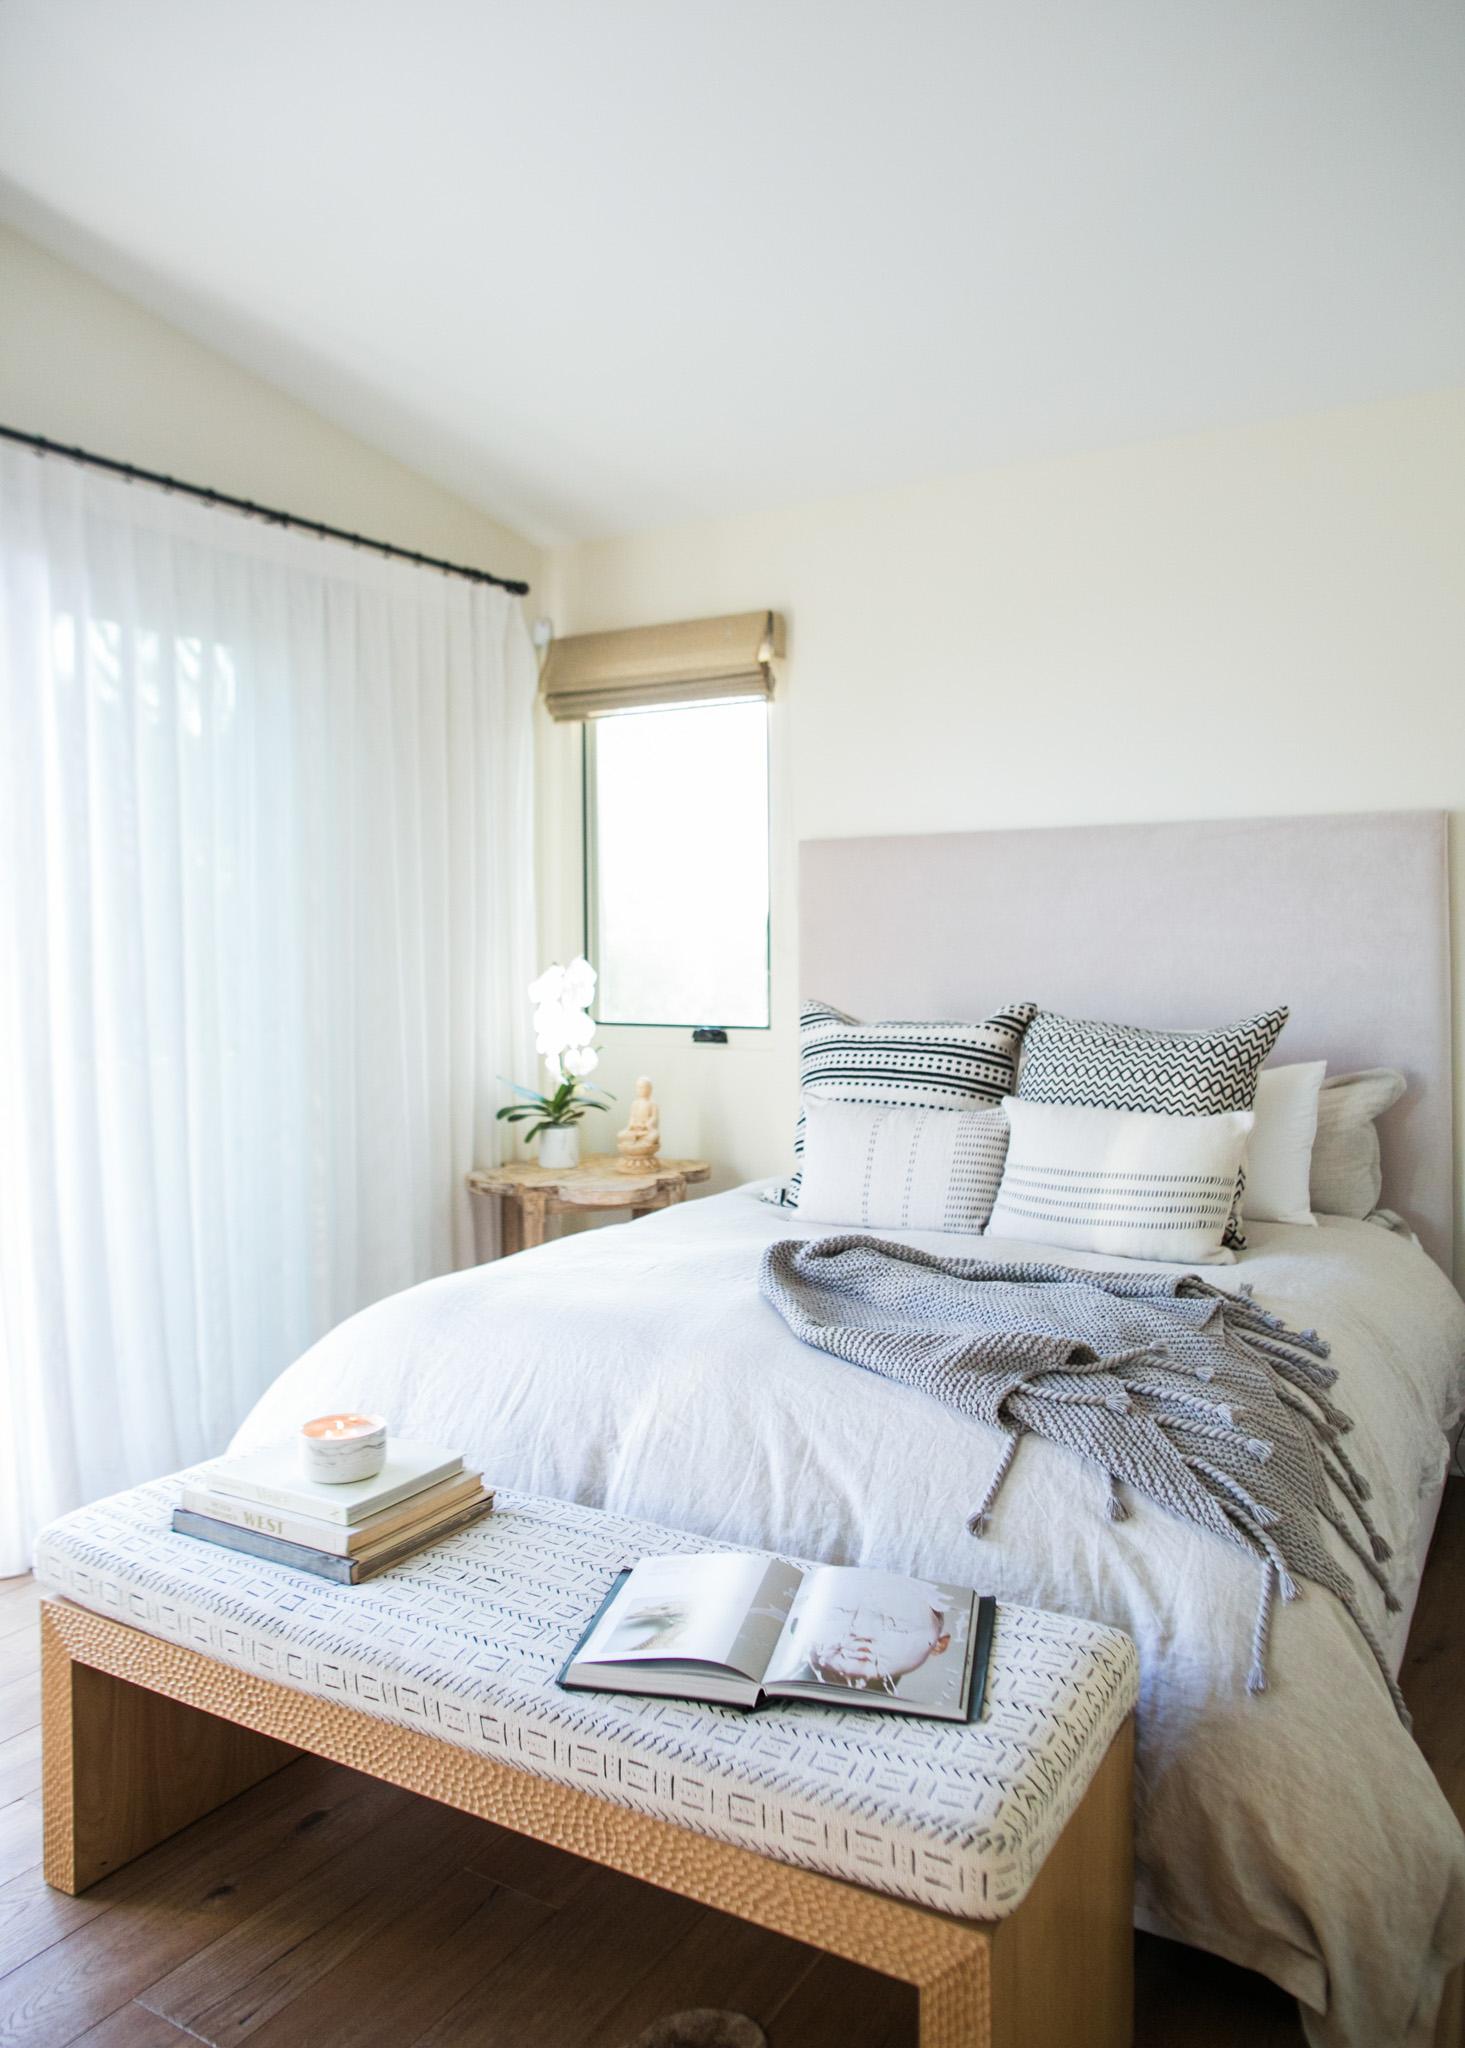 Jodi G Designs Santa Barbra Interior Designer Las Alturas-58.jpg